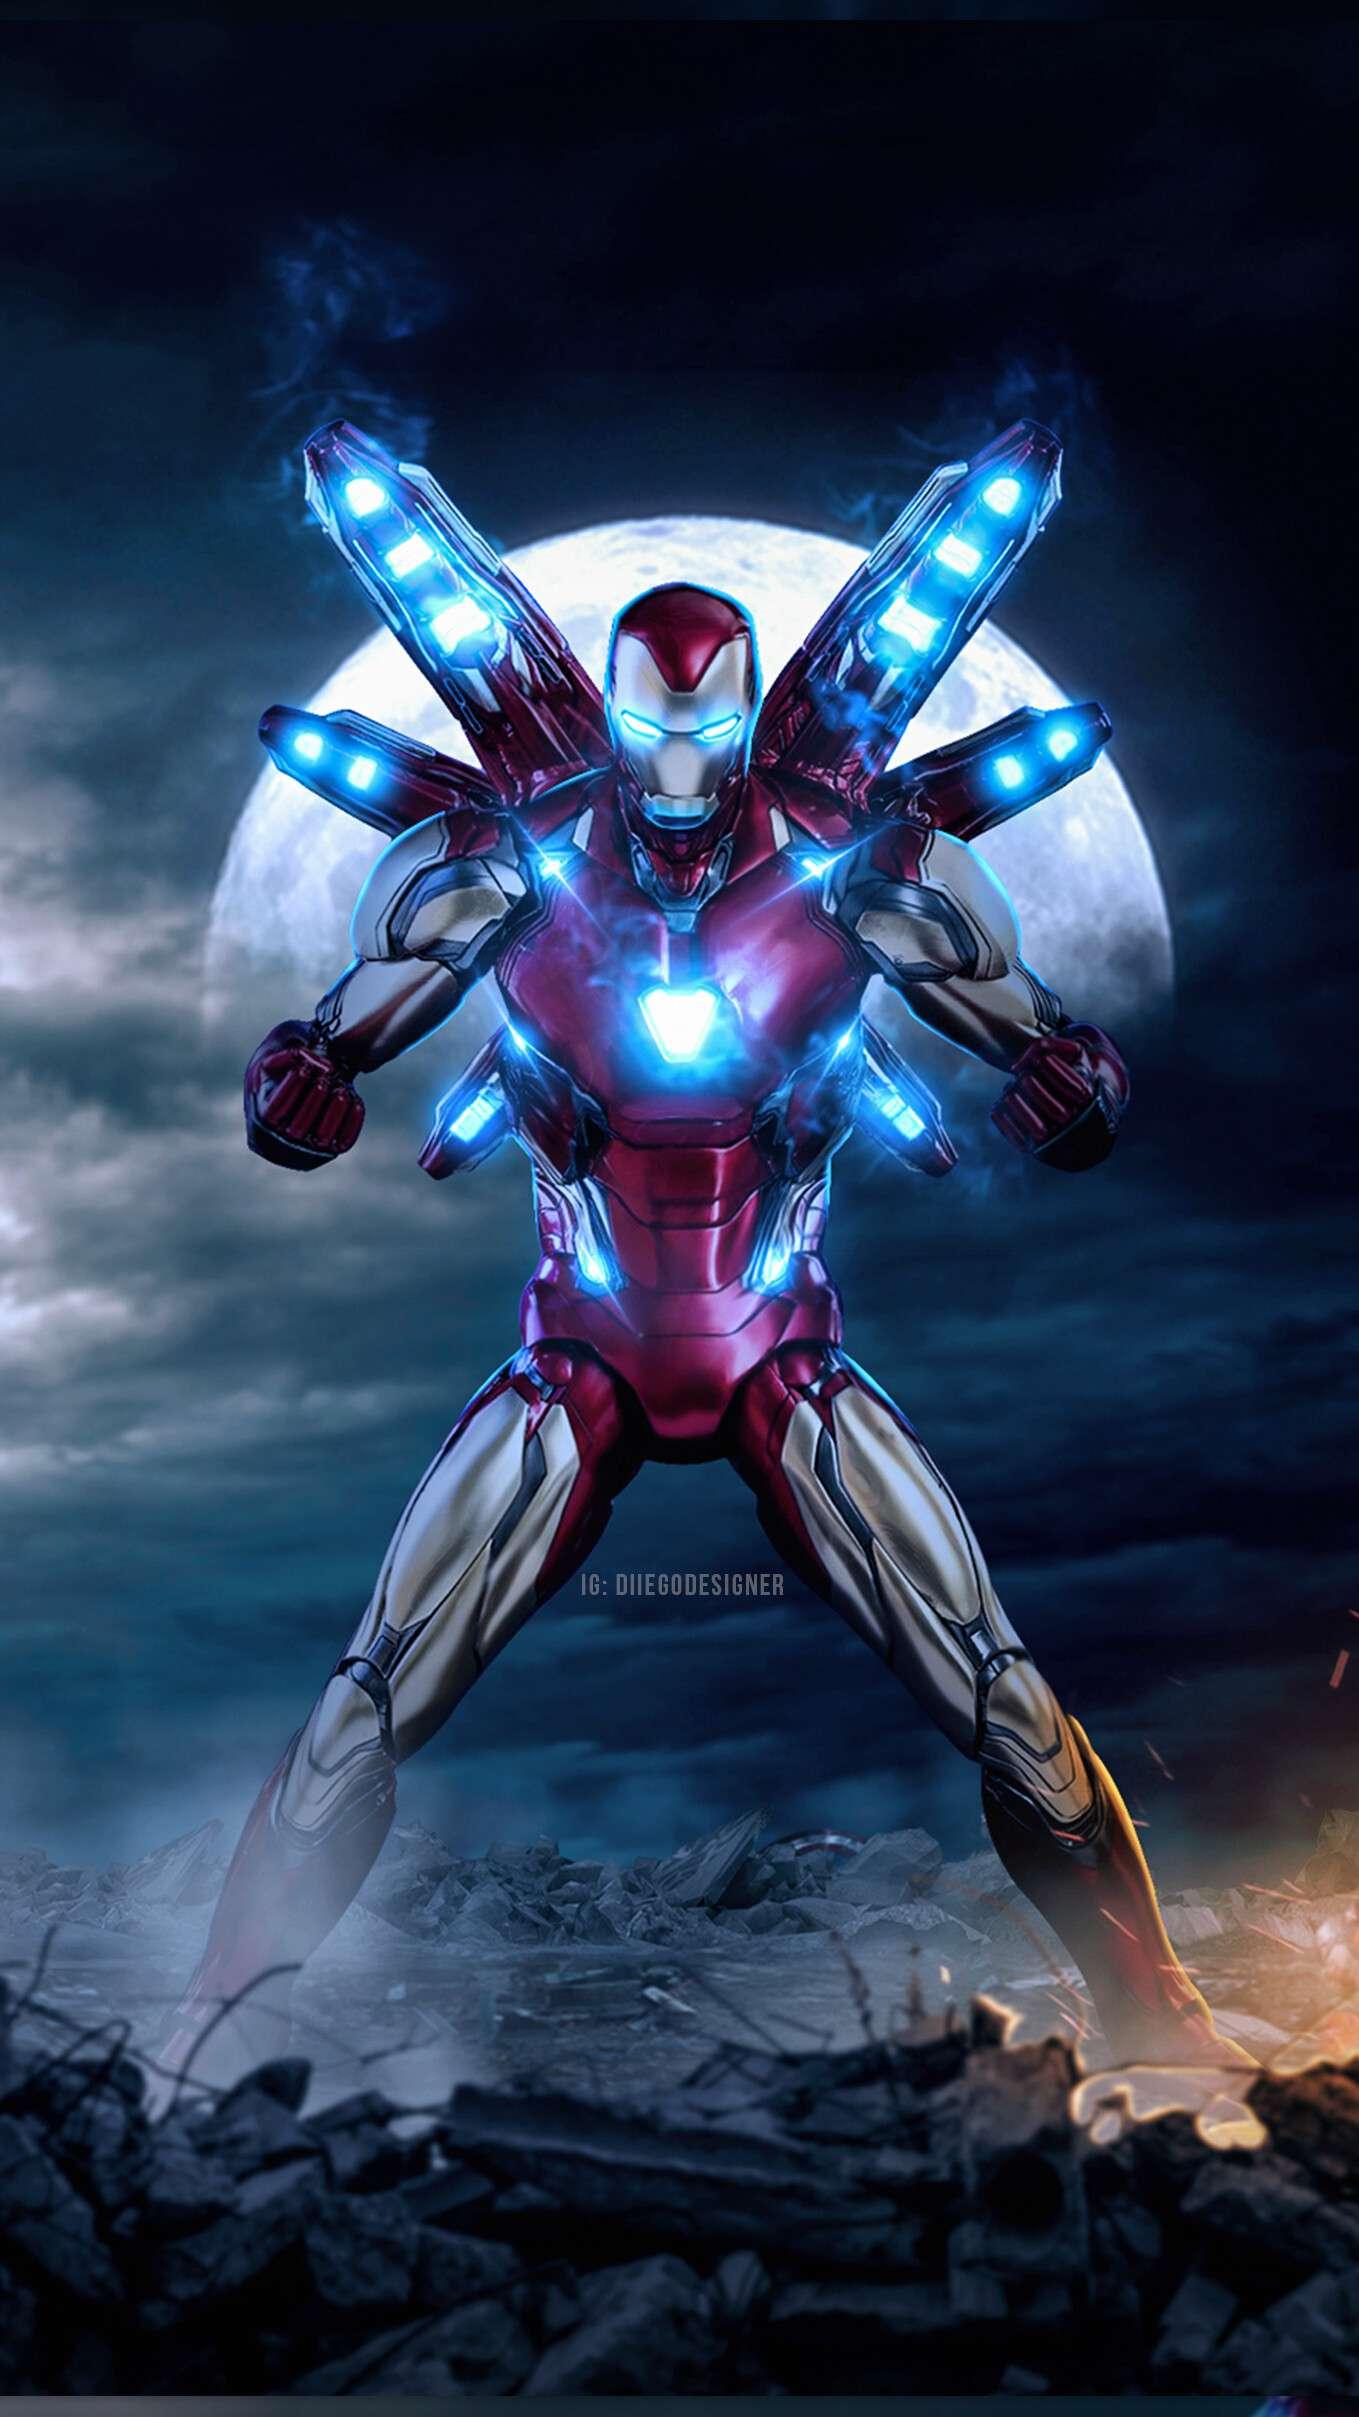 Iron Man Mark 85 Badass iPhone Wallpaper